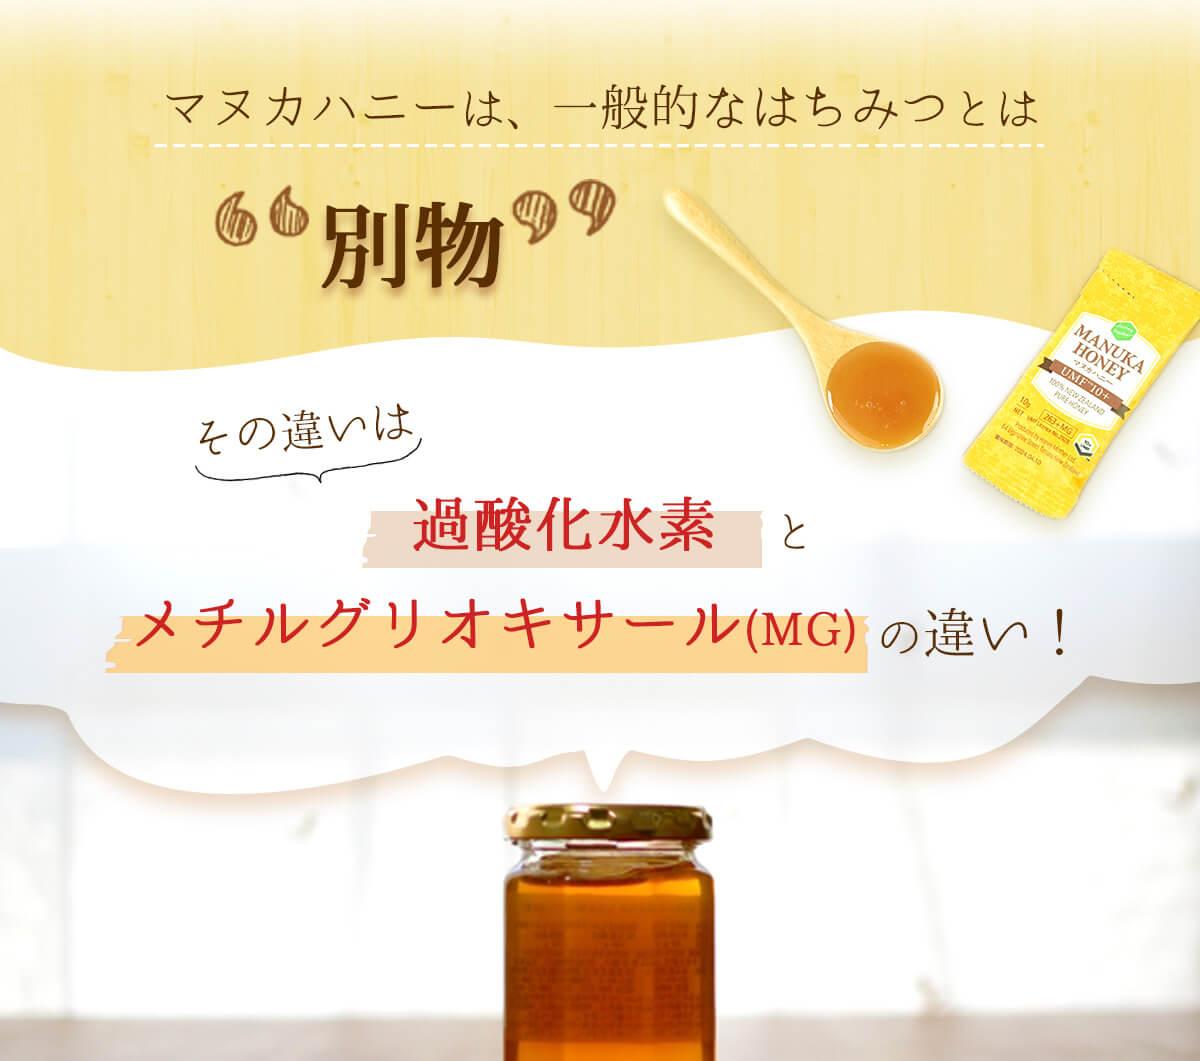 マヌカハニーUMF10+ 携帯用 2種類:スナップ(5g)、サシェット(10g)  メール便 送料無料 ニュージーランド はちみつ 蜂蜜 ハチミツ マヌカ